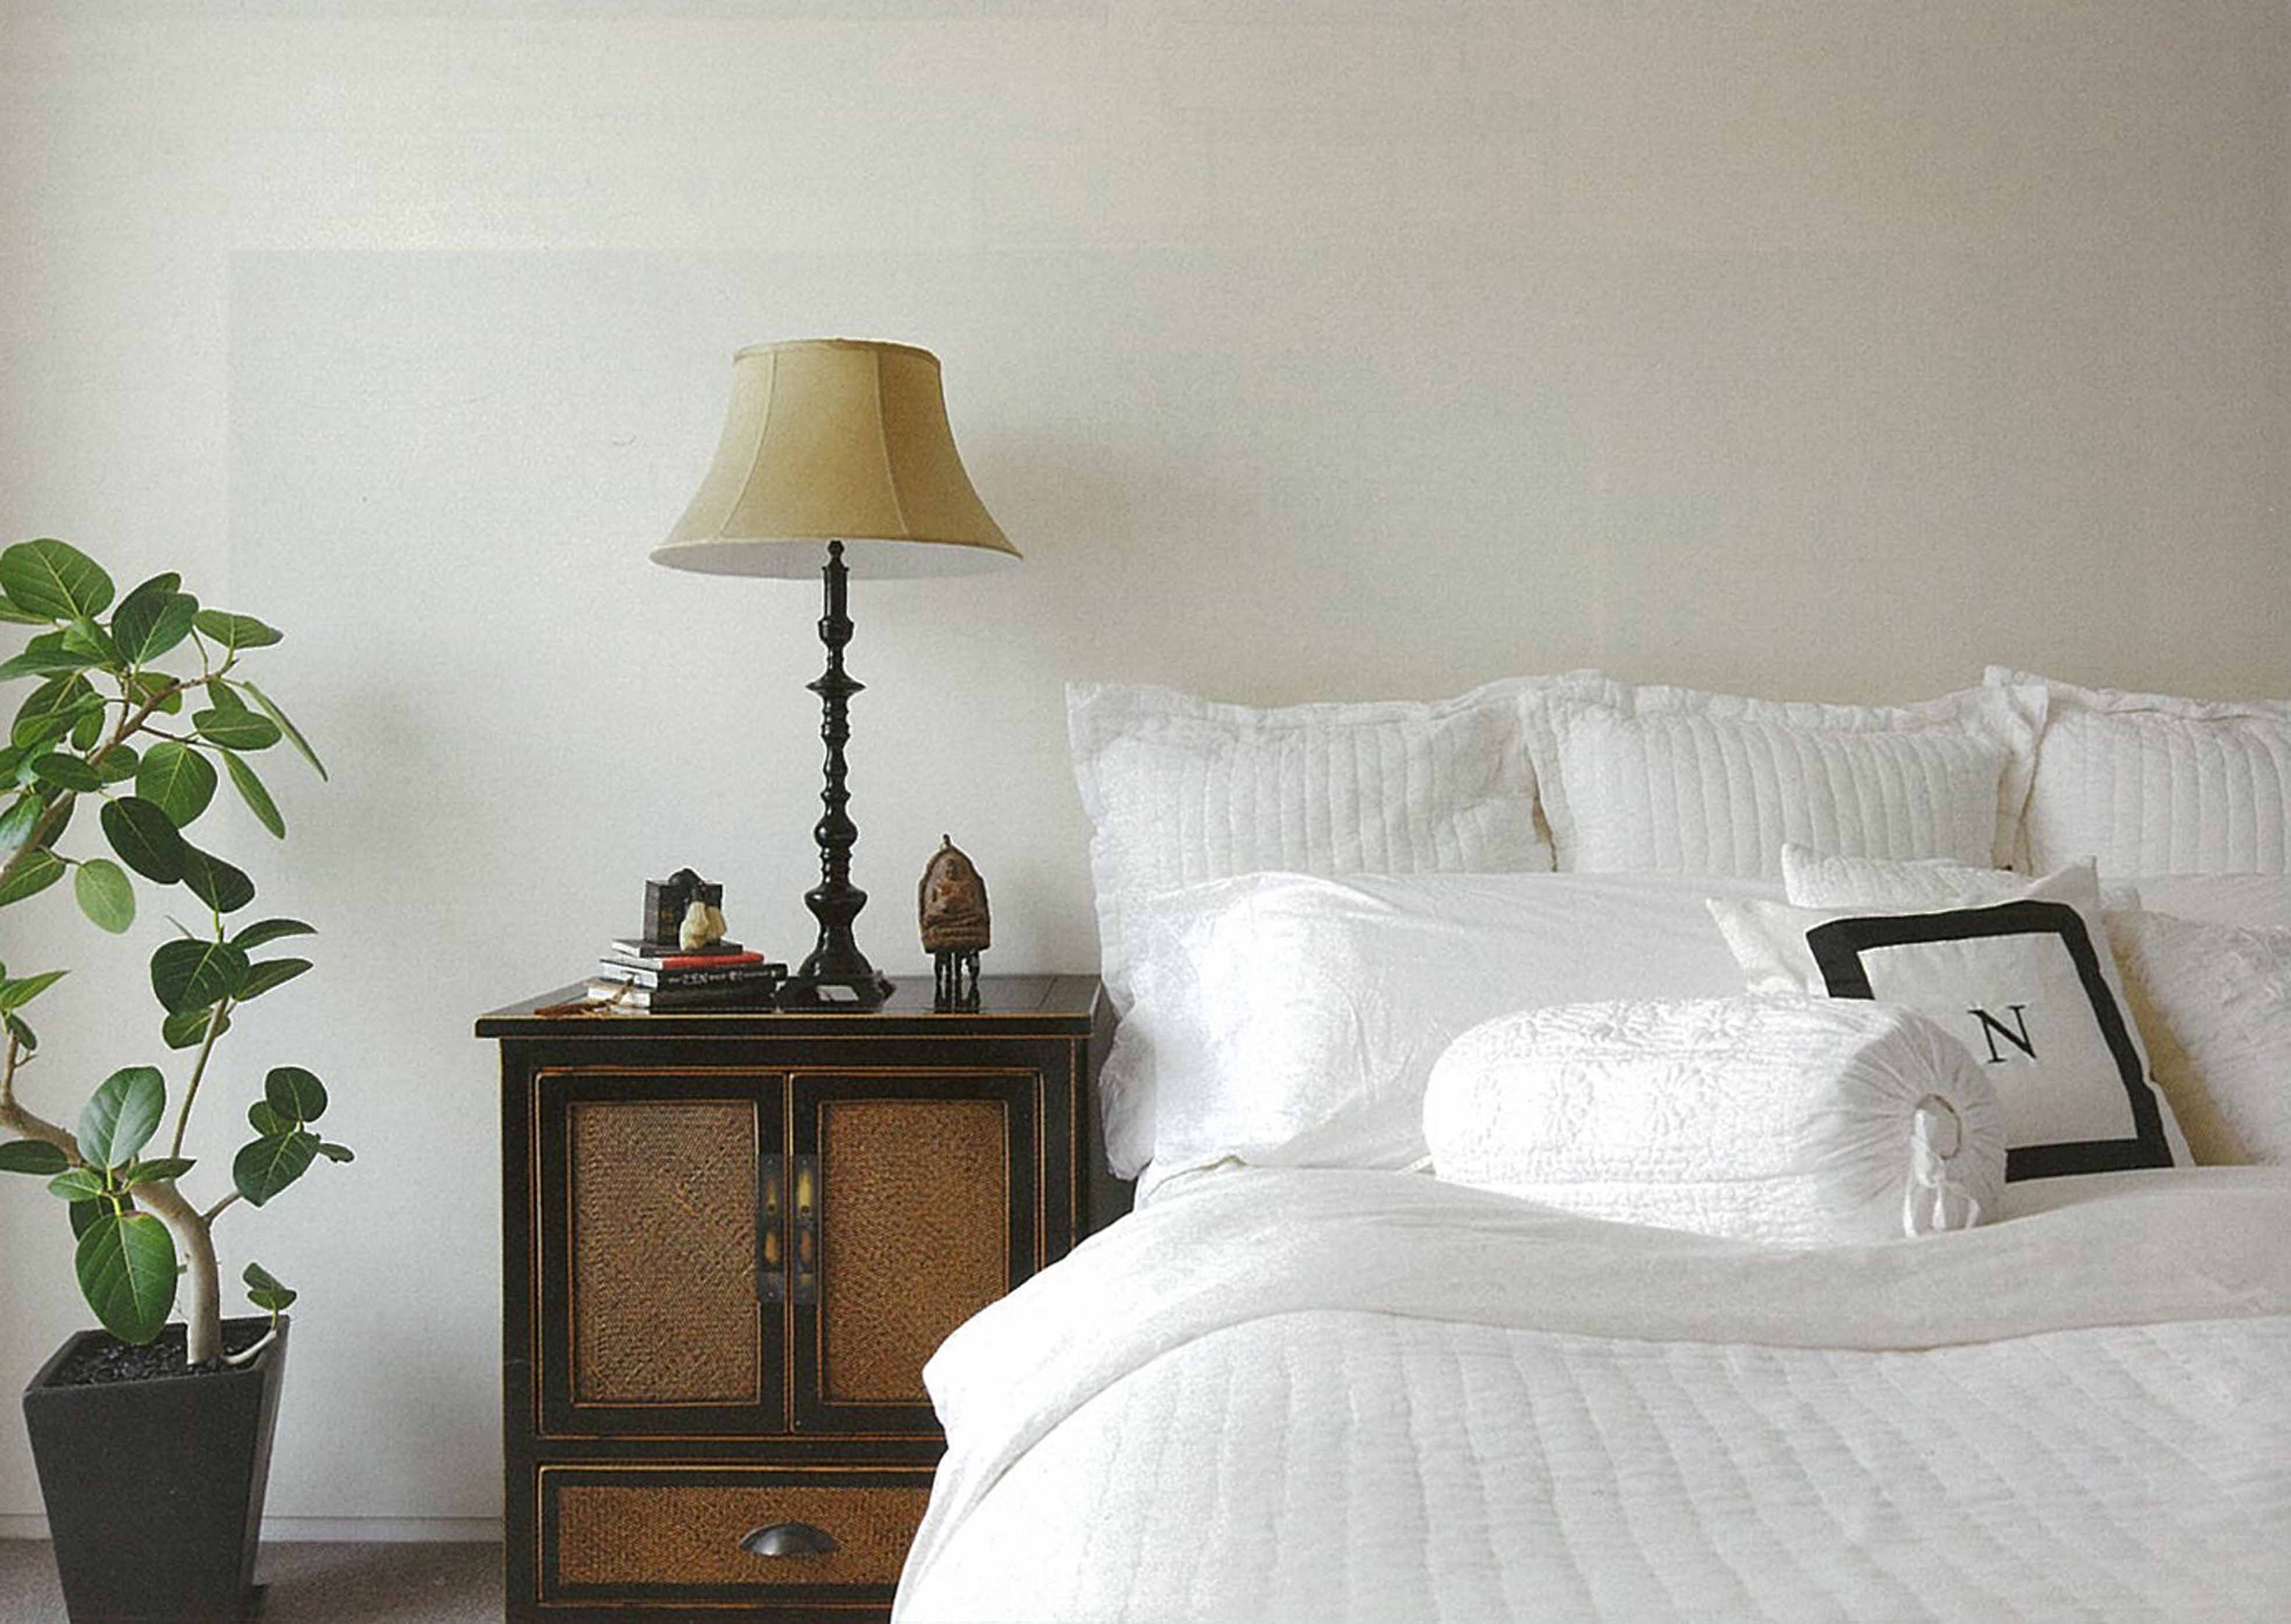 ベッドルーム事例:広尾の住まい主寝室(典雅さを目指した広尾の住まい RCビシャン仕上げの外観 シノワズリのインテリア空間)